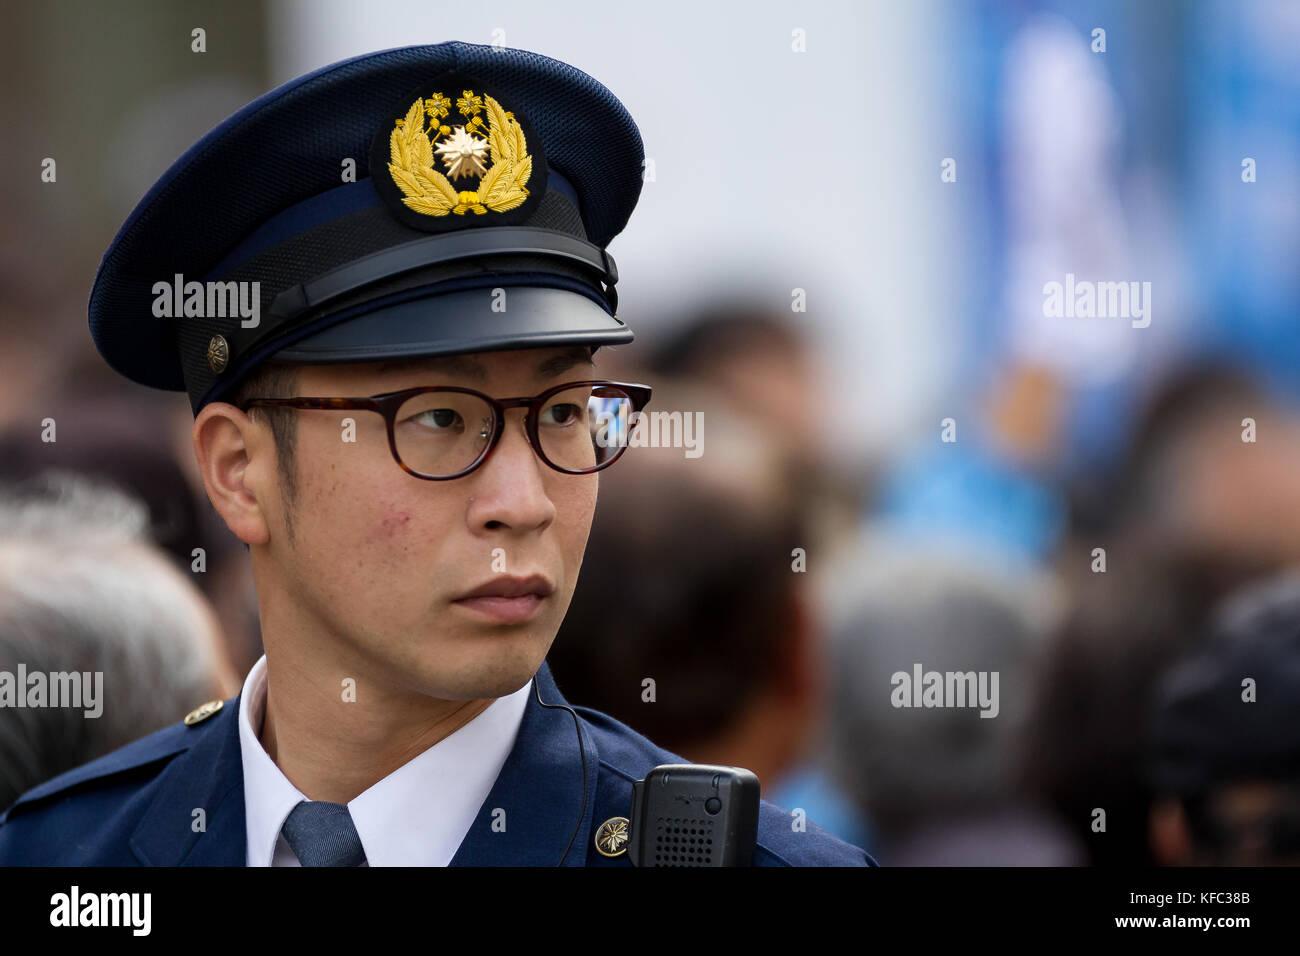 Ein junger Polizist wacht in der Masse während der japanische Ministerpräsident Shinzo Abe im Landtagswahlkampf Stockbild